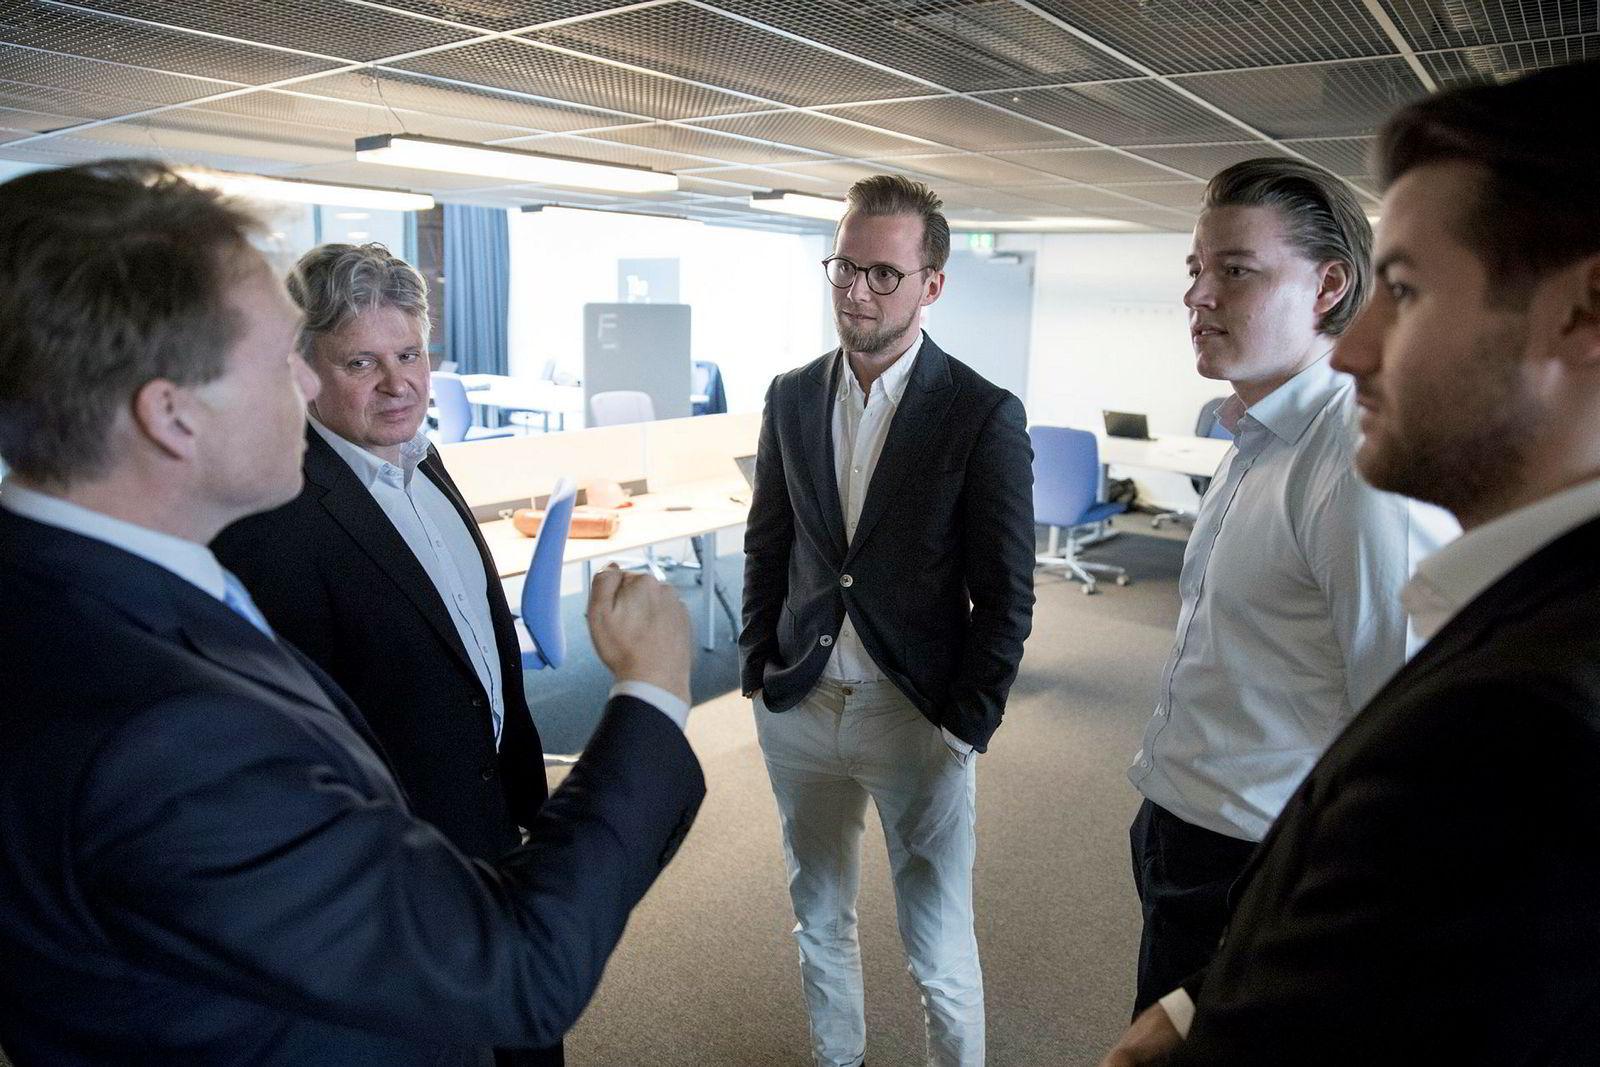 John Sætre (fra venstre) og Casper von Koskull i Nordea får forklart hvordan Bolink-gründerne Krister Koen, Joakim Dahlen og Marius Owesen vil gjøre det enklere å selge egen bolig.